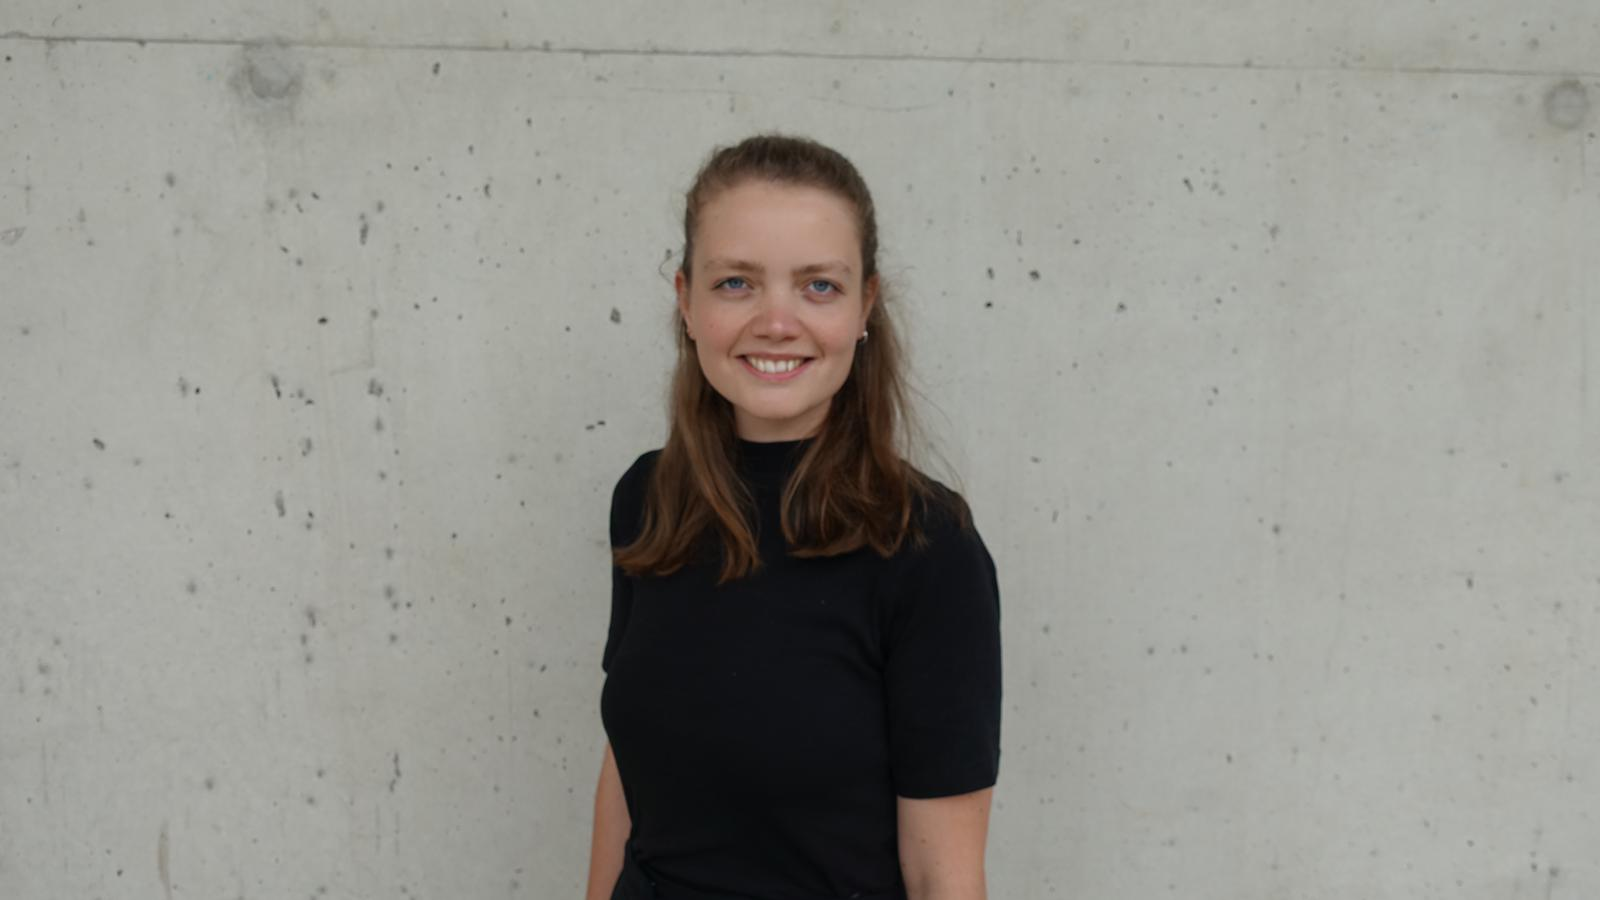 Michelle Spitzer